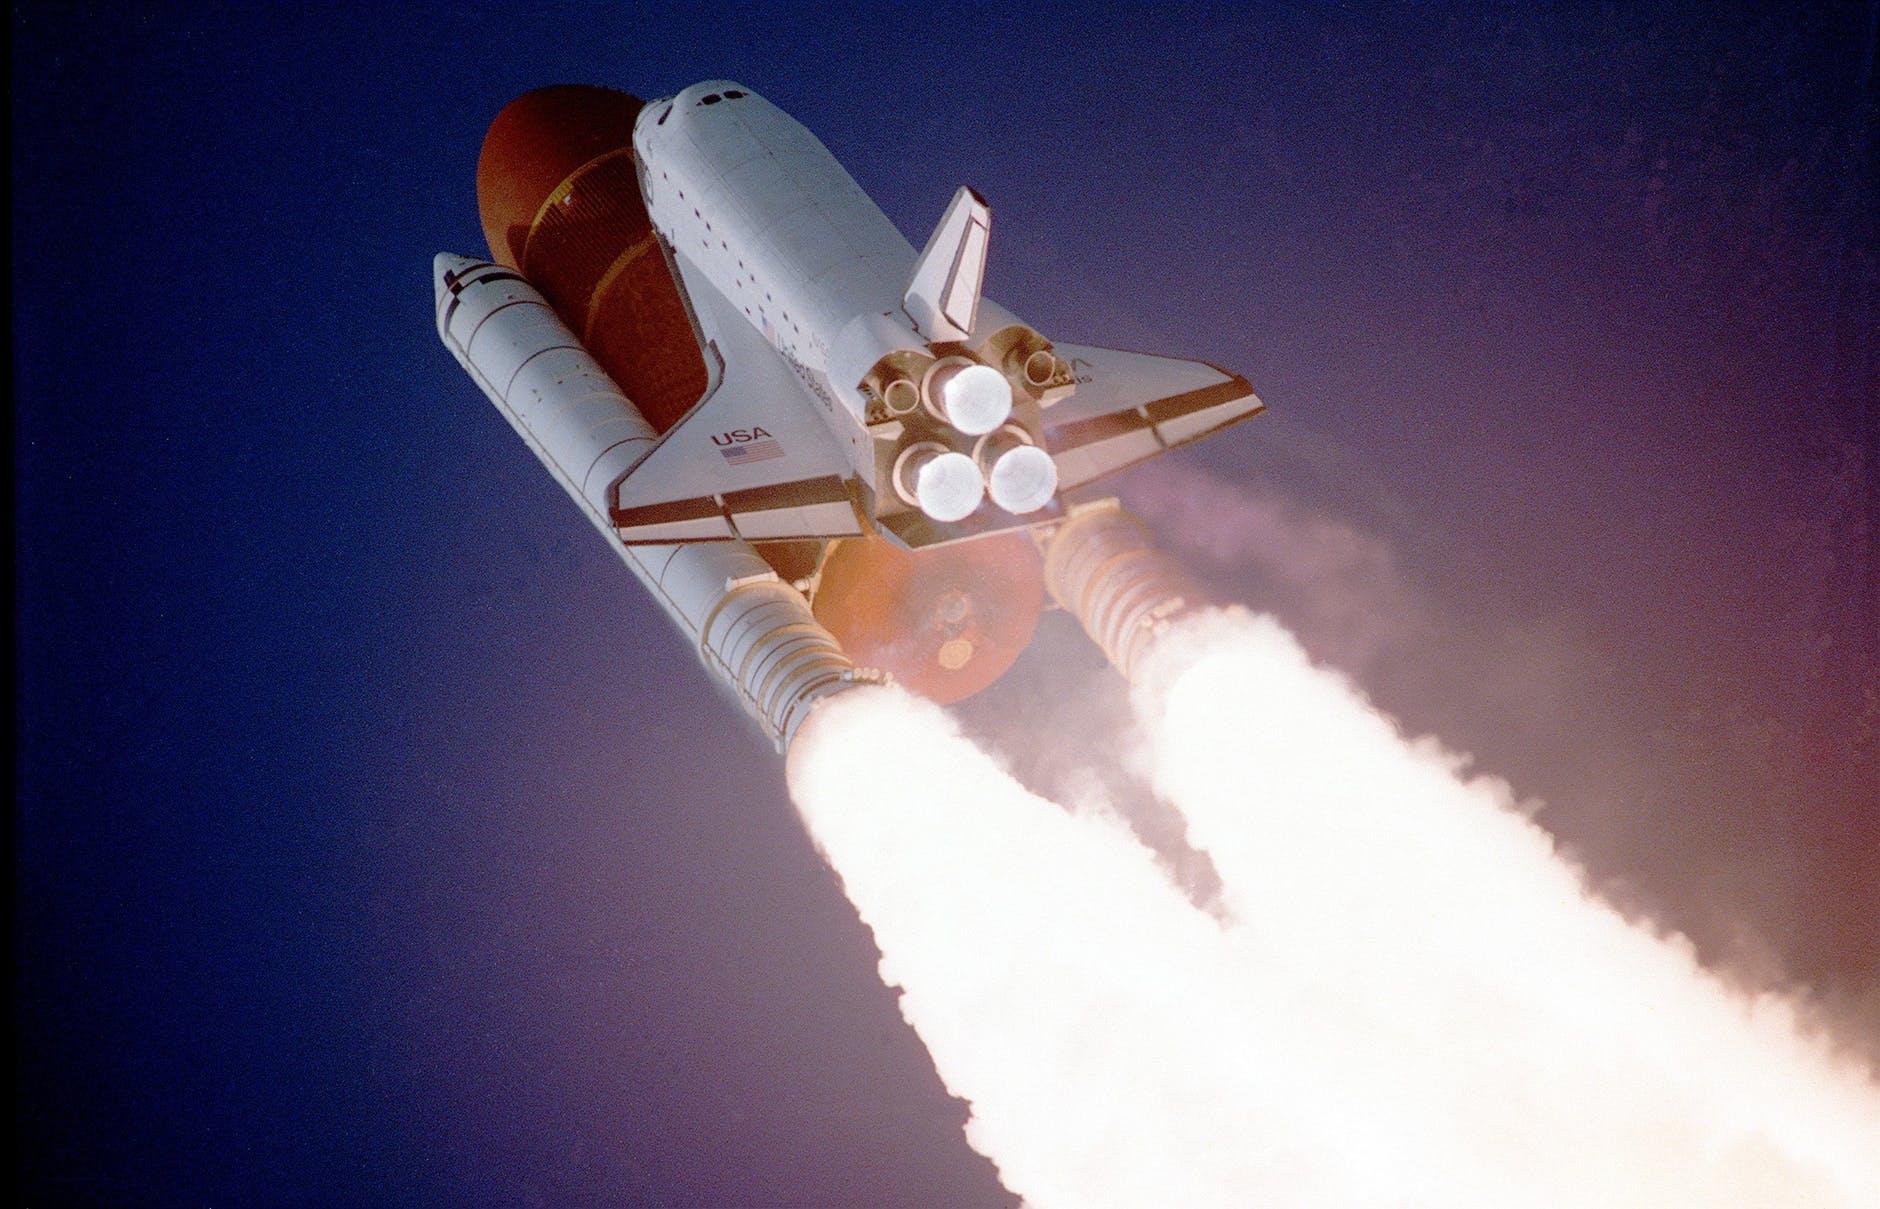 AEM firma convenio con Gobierno de Aguascalientes para la innovación espacial